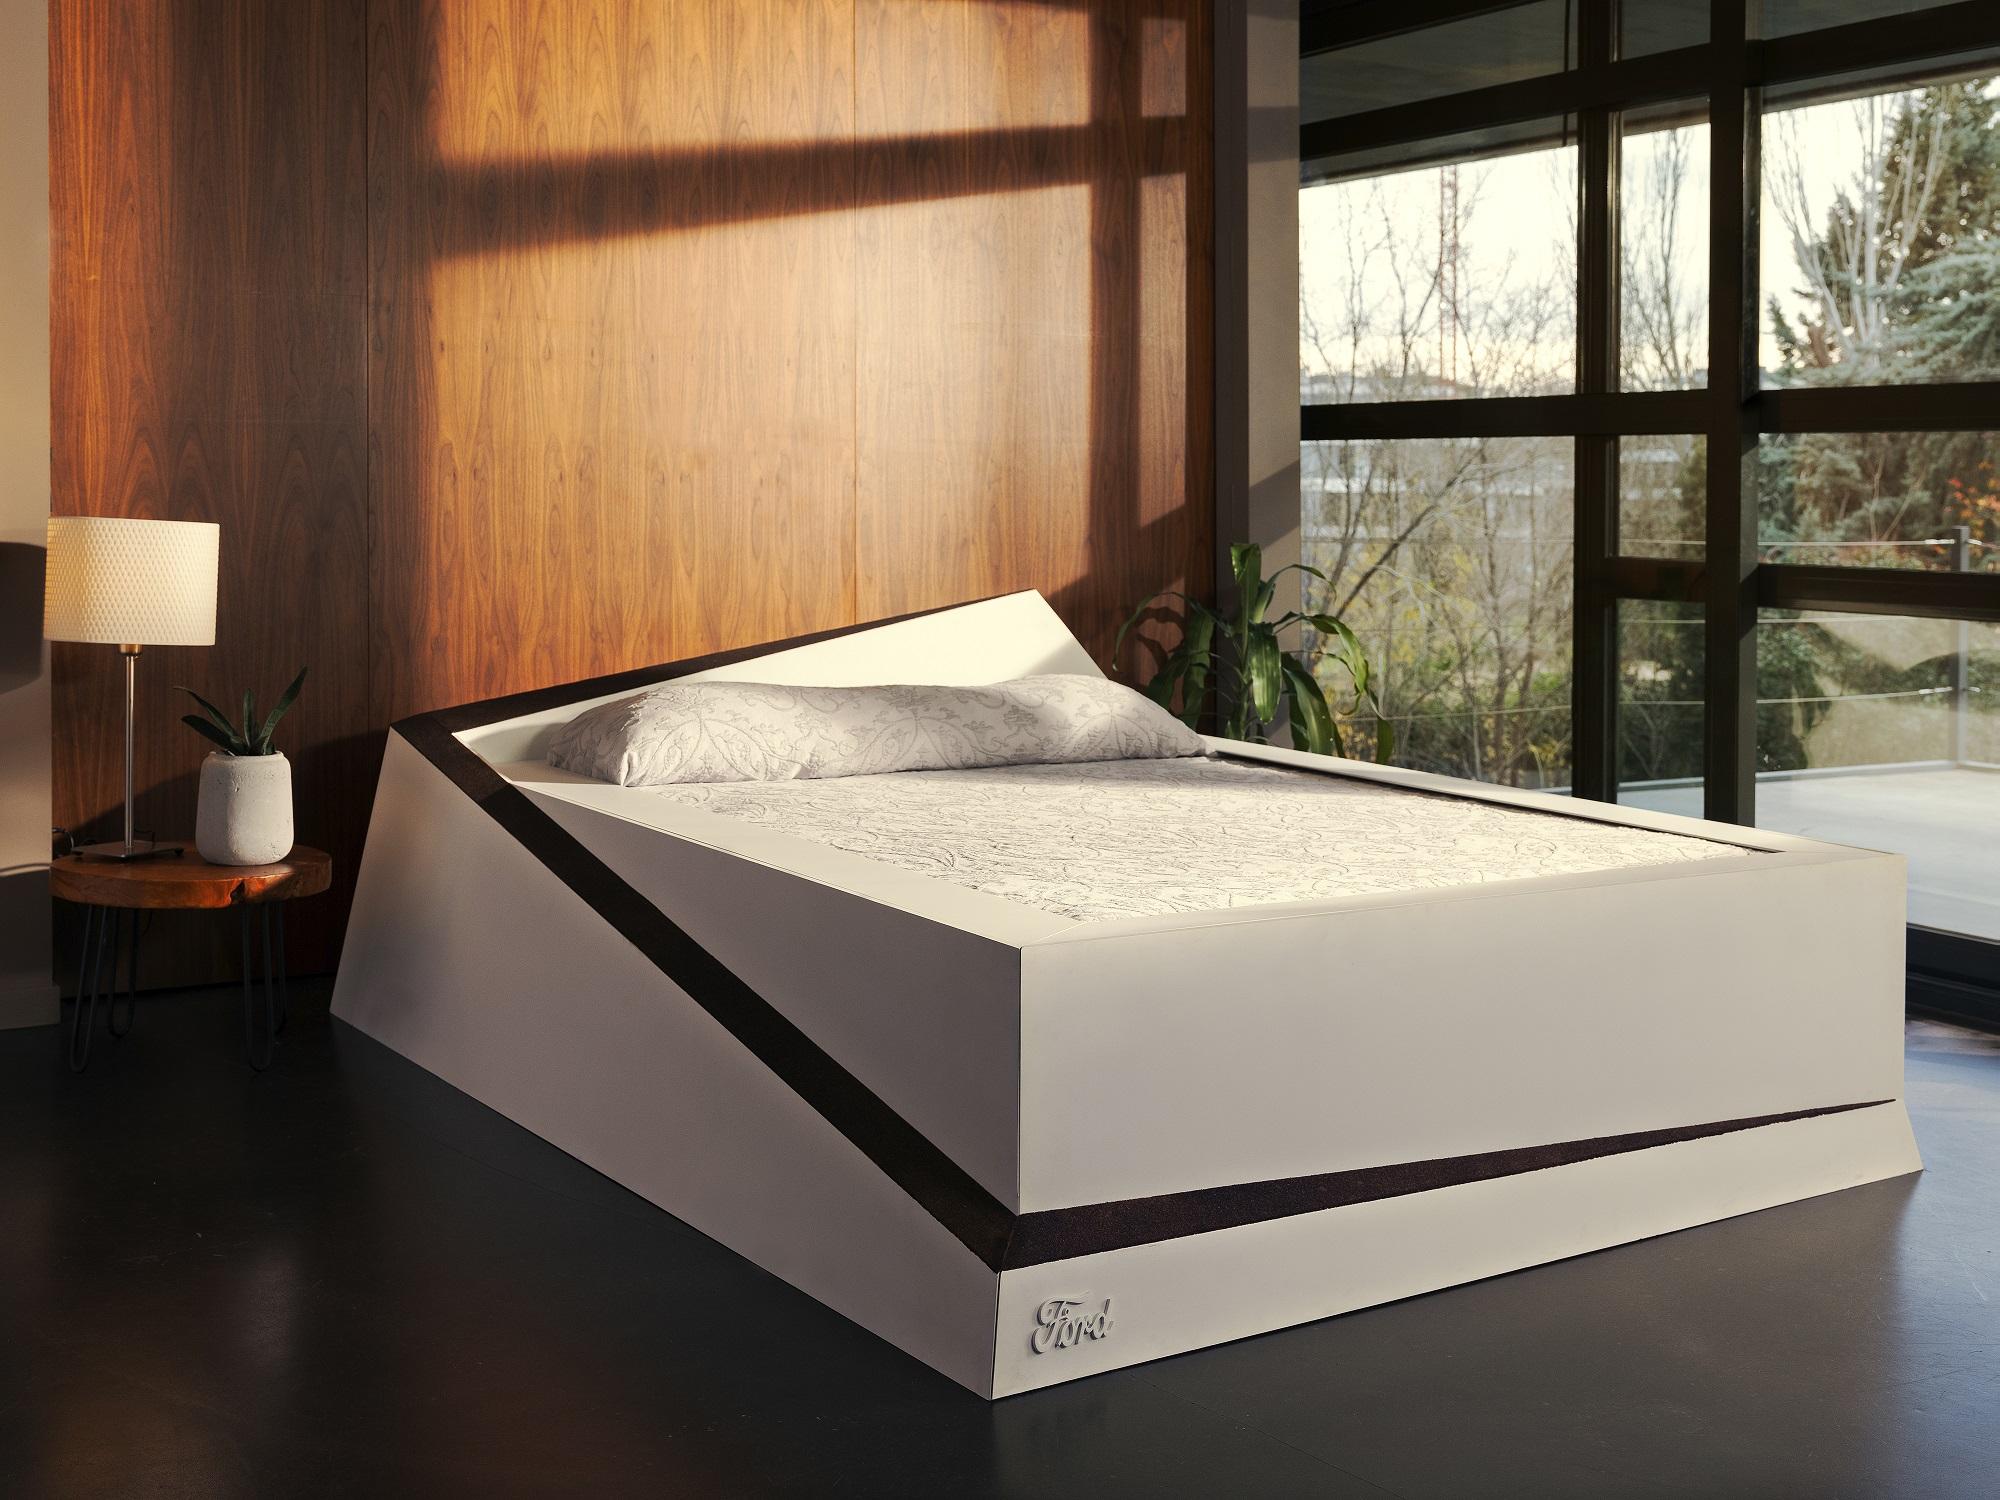 Ford: ecco Lane-keeping bed, la soluzione per dormire insieme senza invasioni thumbnail